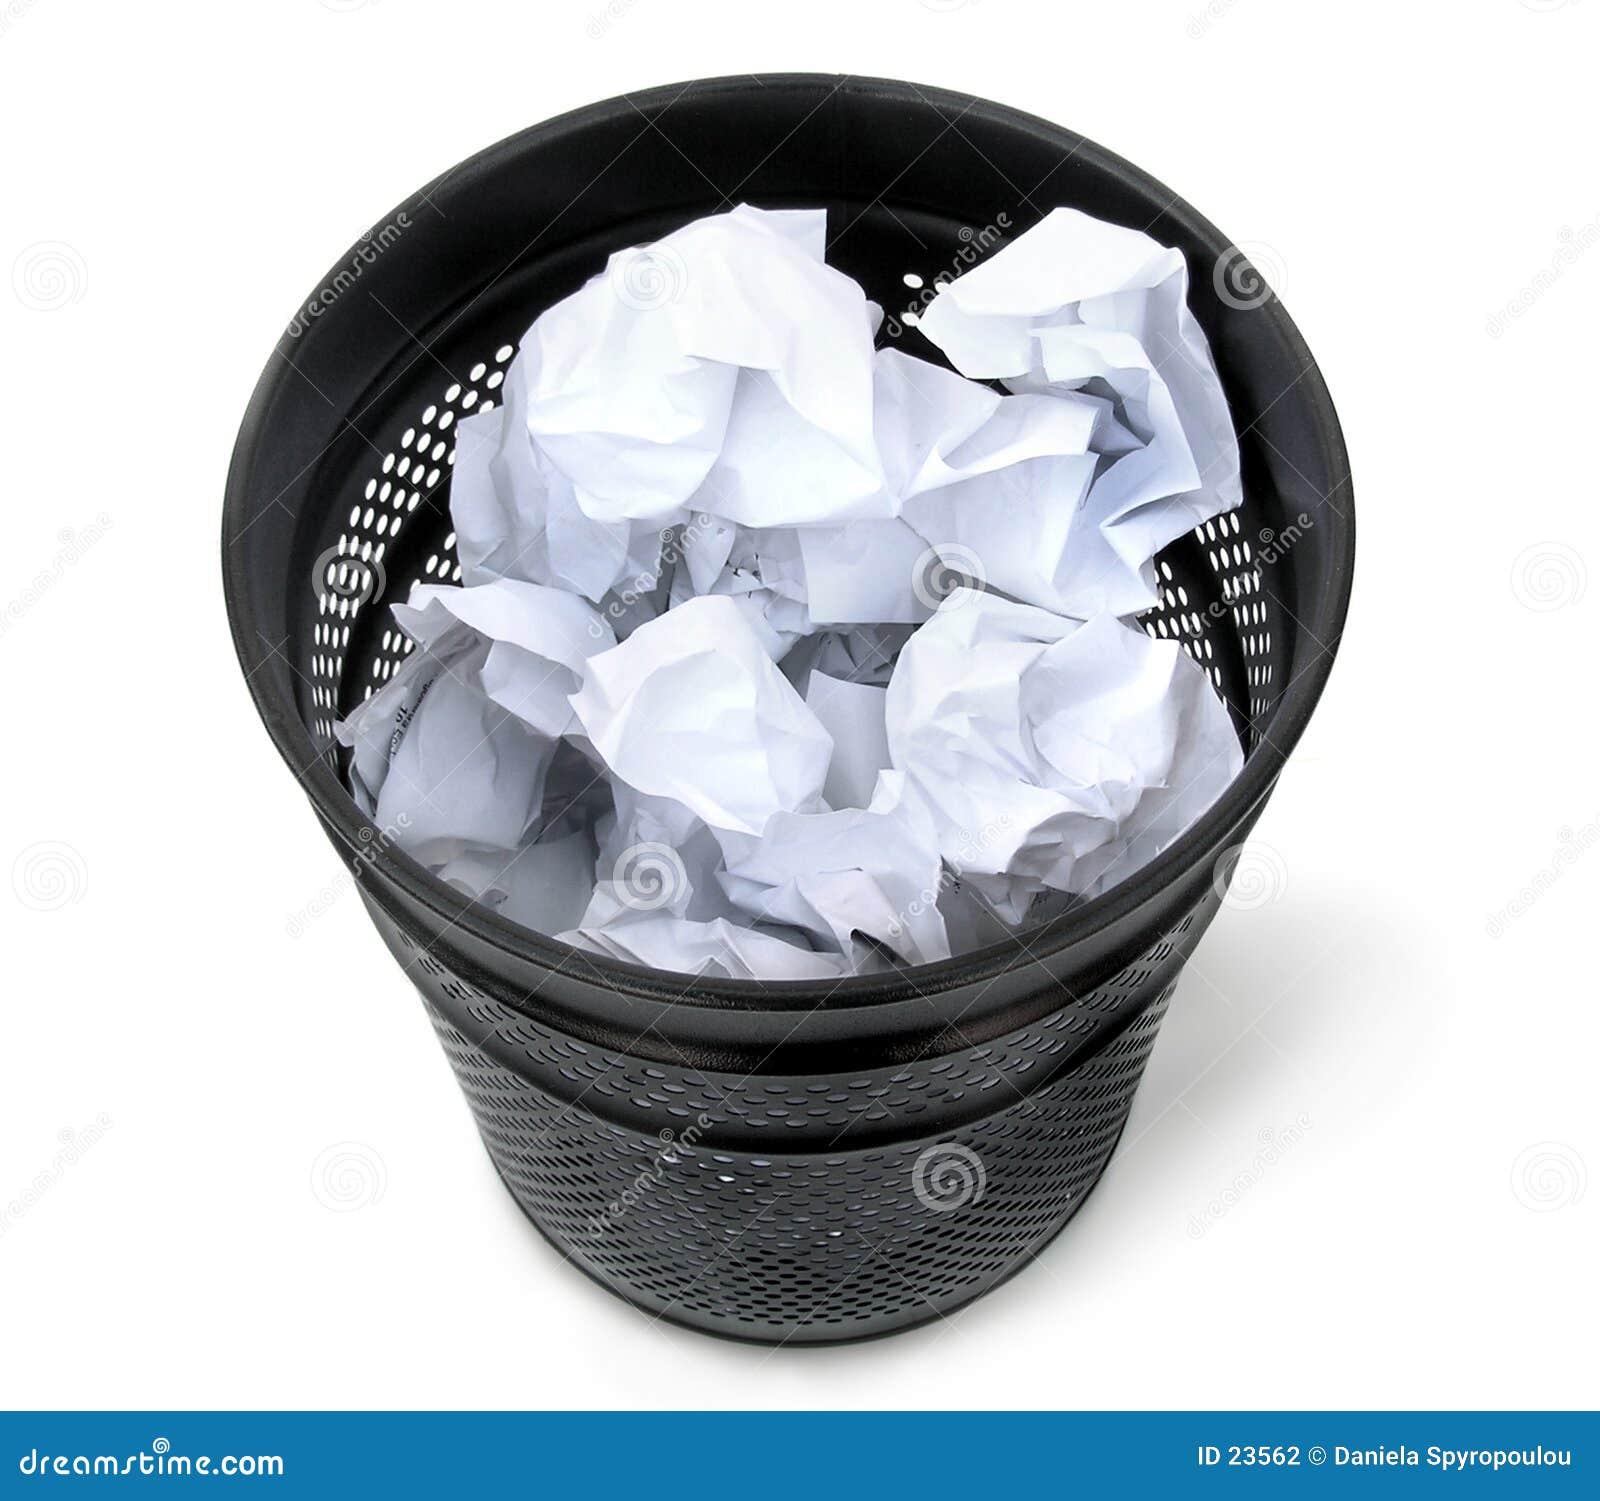 Download Bote de basura negro foto de archivo. Imagen de idea, negocios - 23562